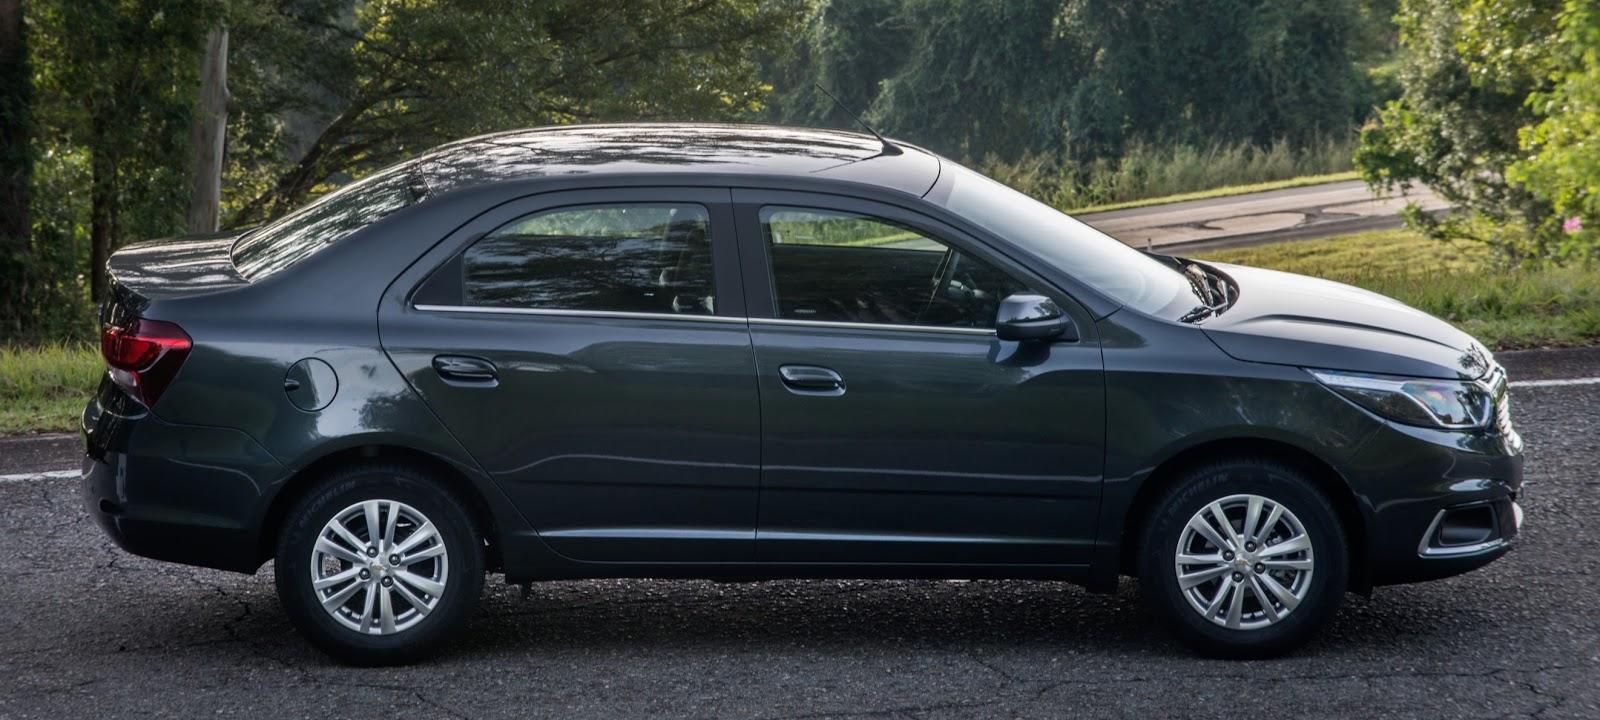 Chevrolet Spin e Cobalt ganham alterações mecânicas na linha 2017 ee0ce92509